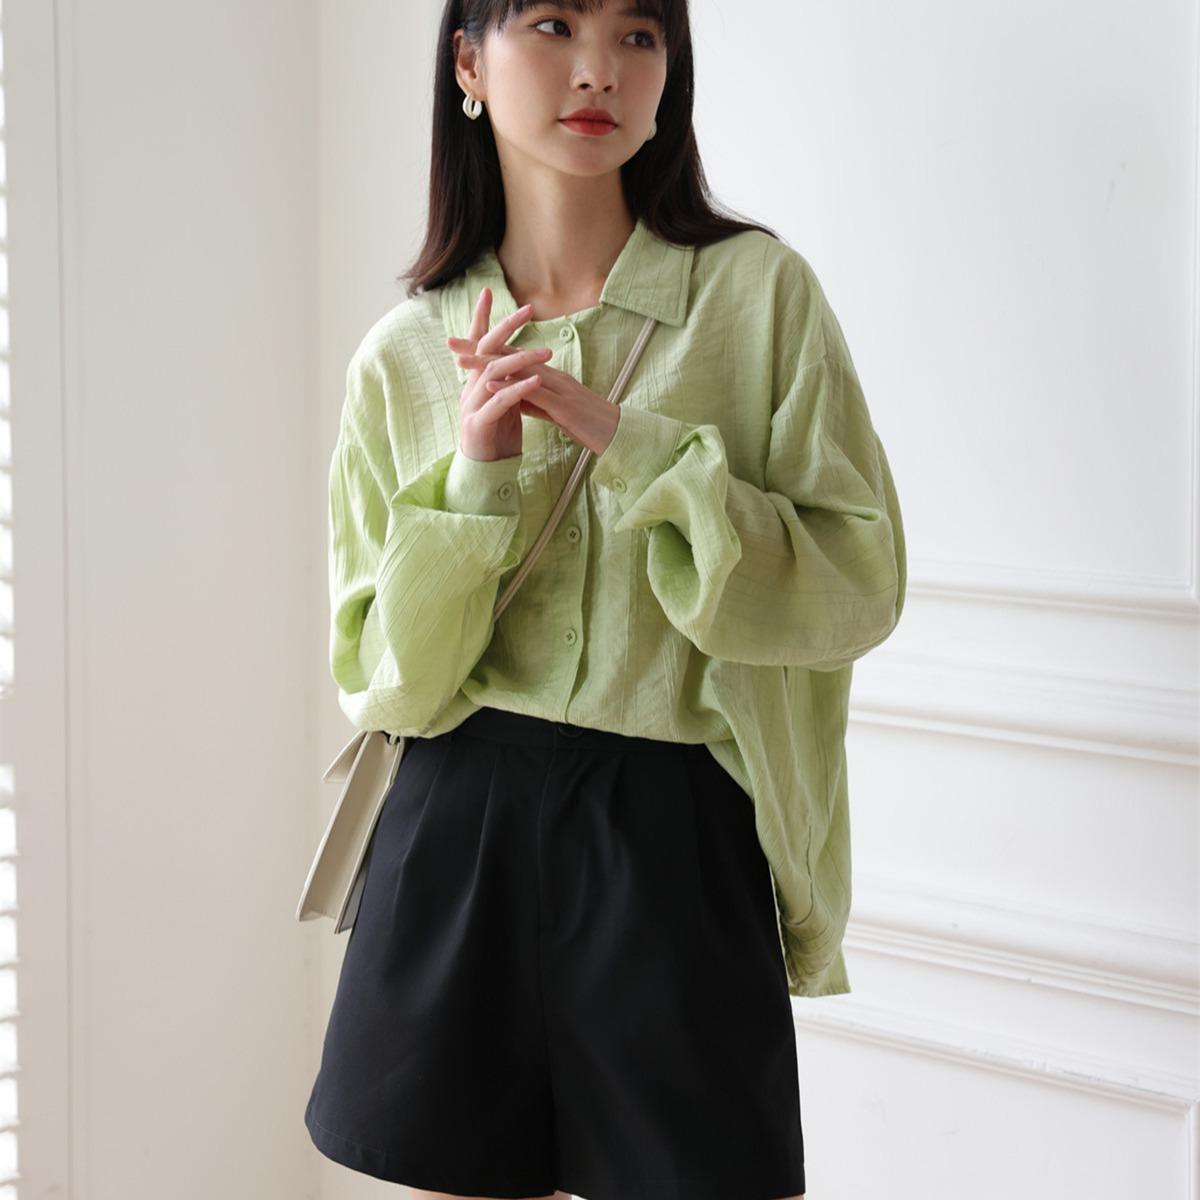 春夏 Yシャツ 可愛い おしゃれ 人気商品 ゆったり感